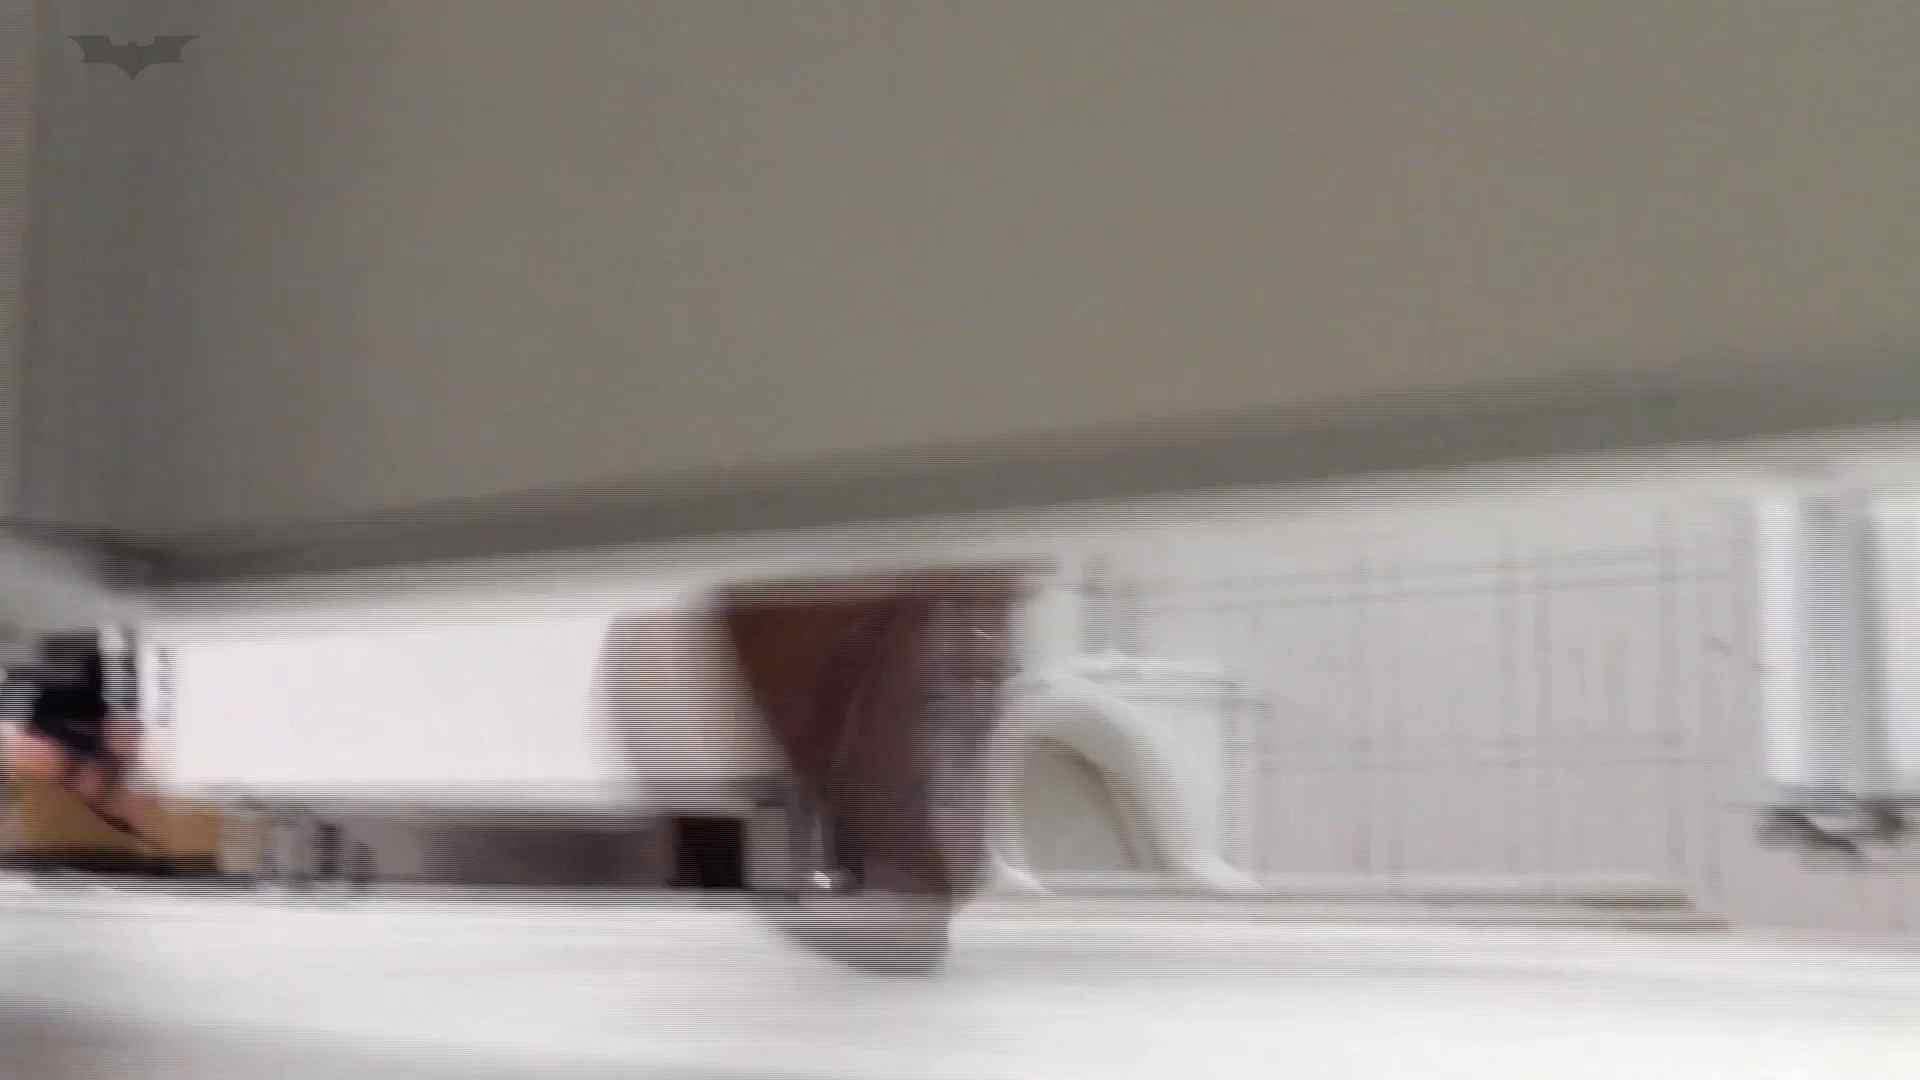 美しい日本の未来 No.29 豹柄サンダルは便秘気味??? 盗撮  57pic 30